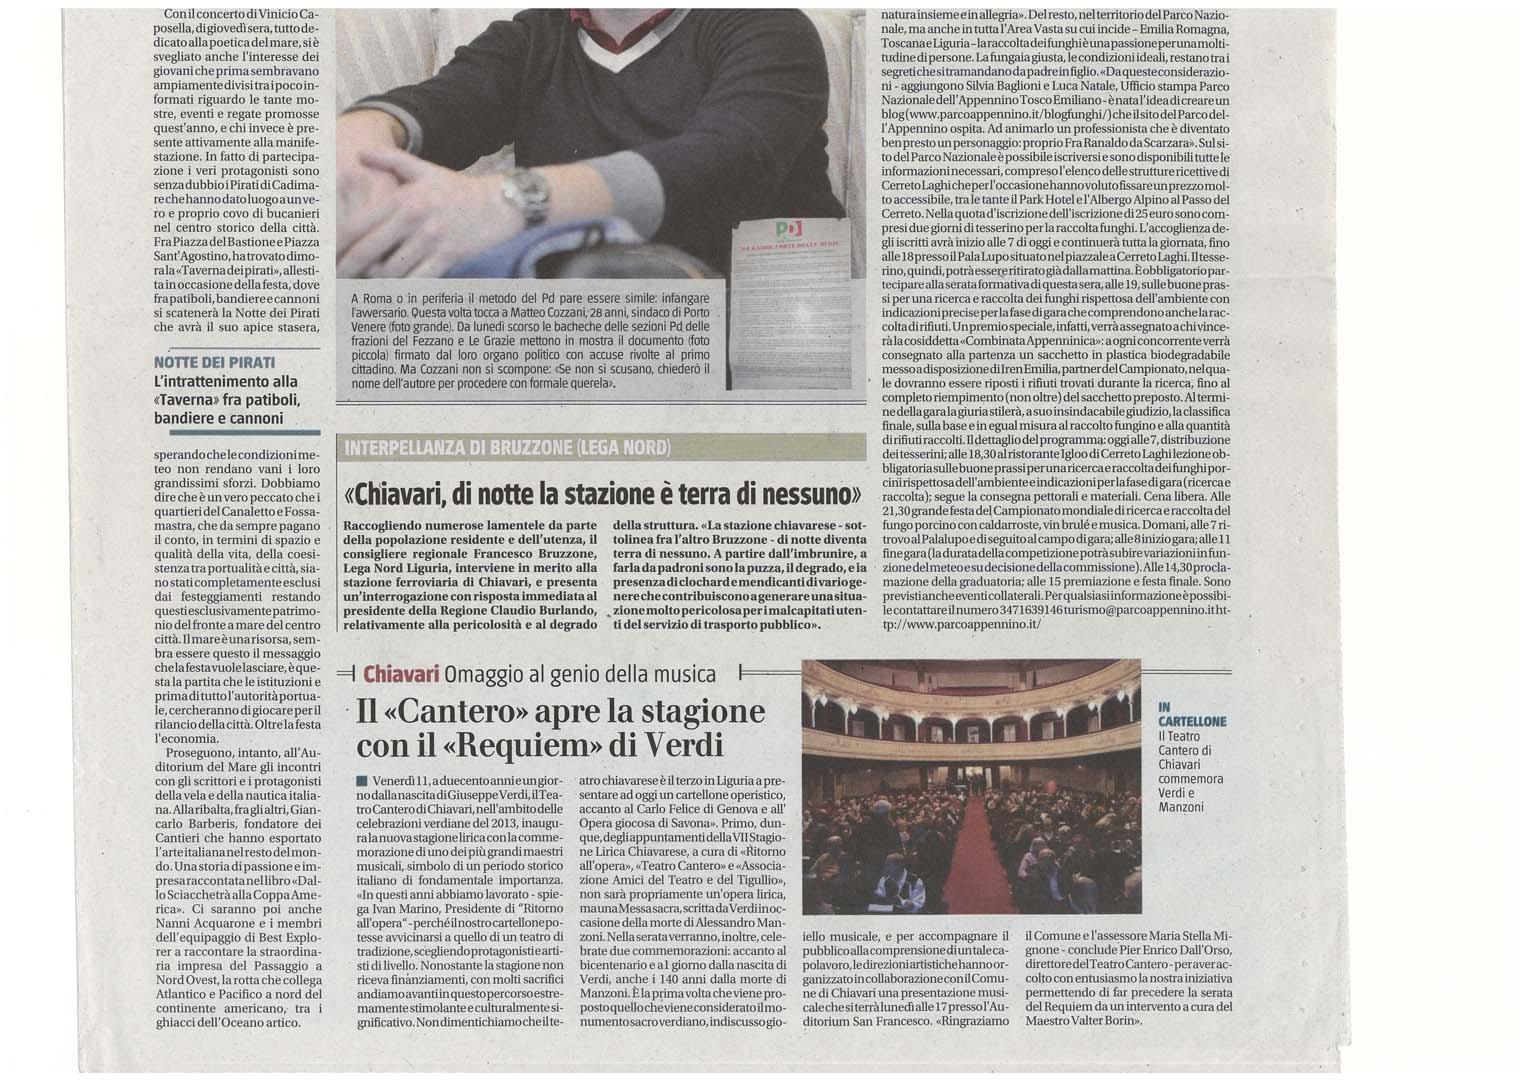 articoli_2013_pagina_32